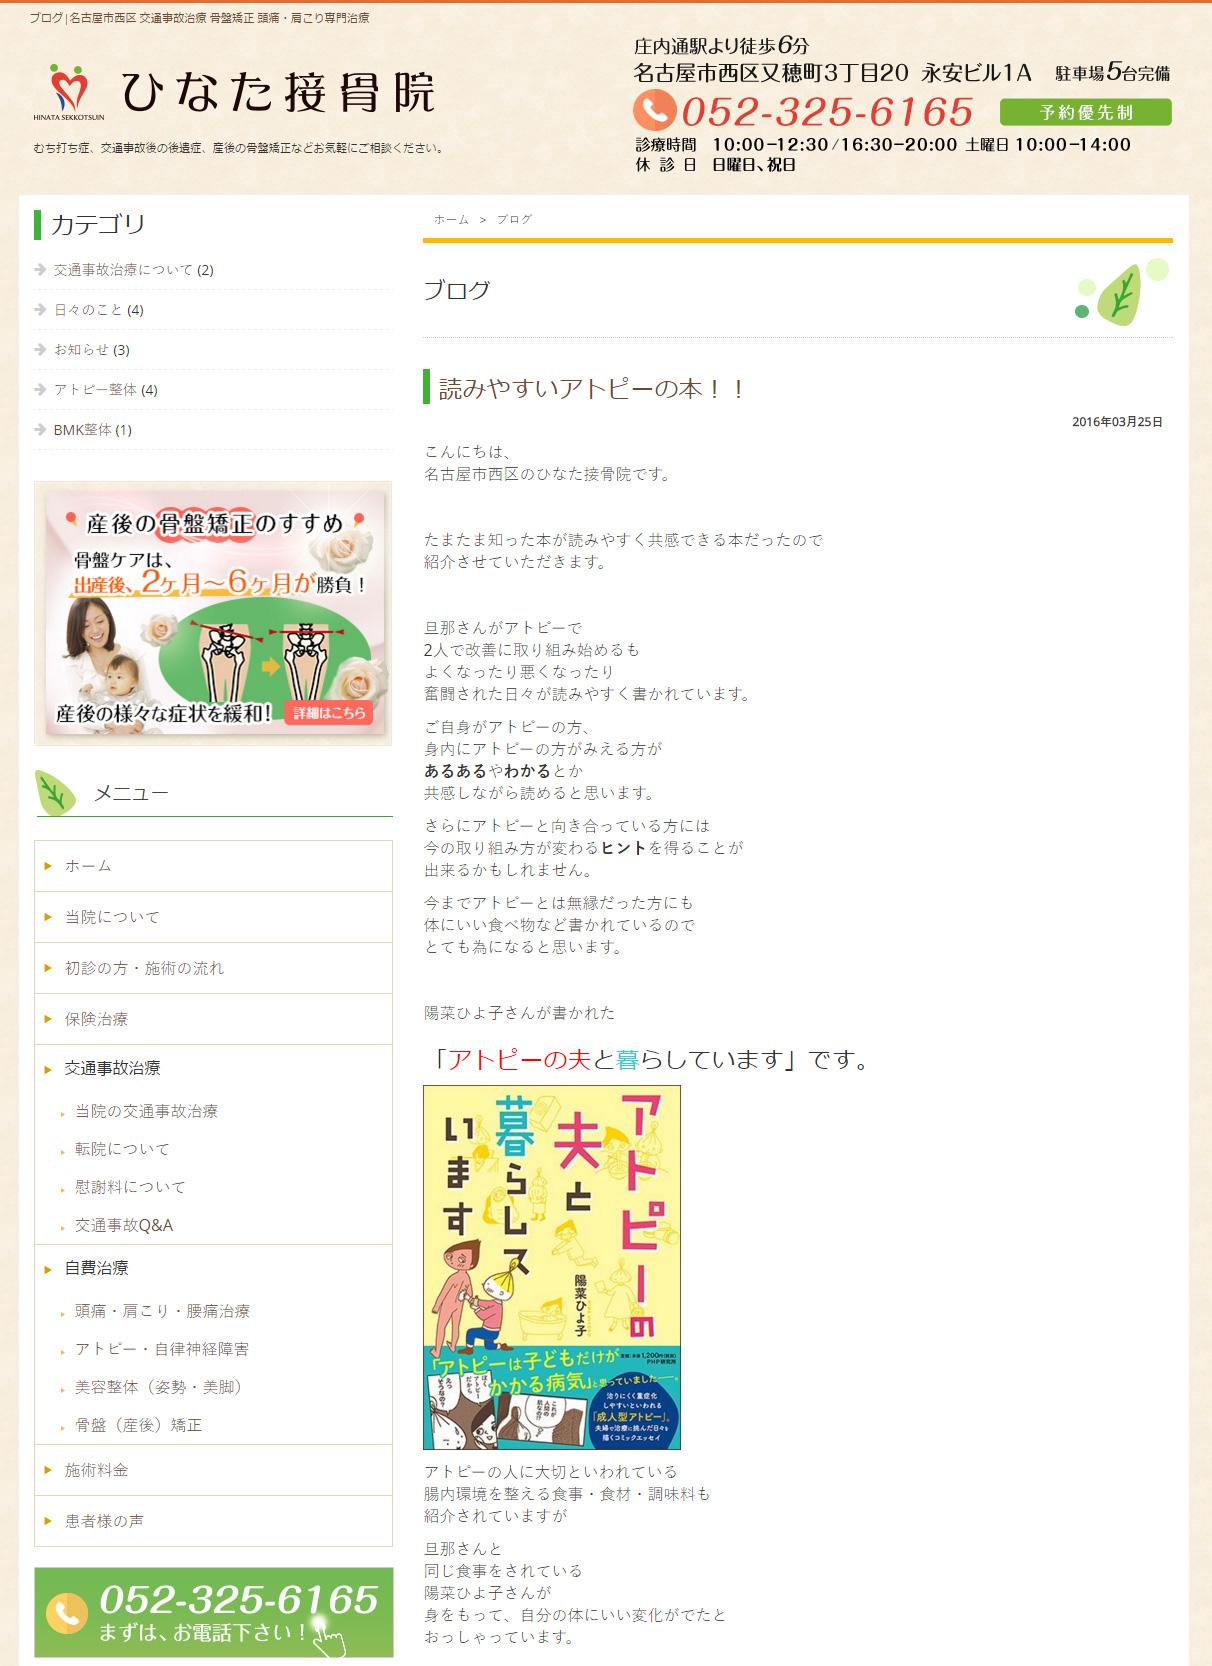 160325hinata_s_blog1.jpg